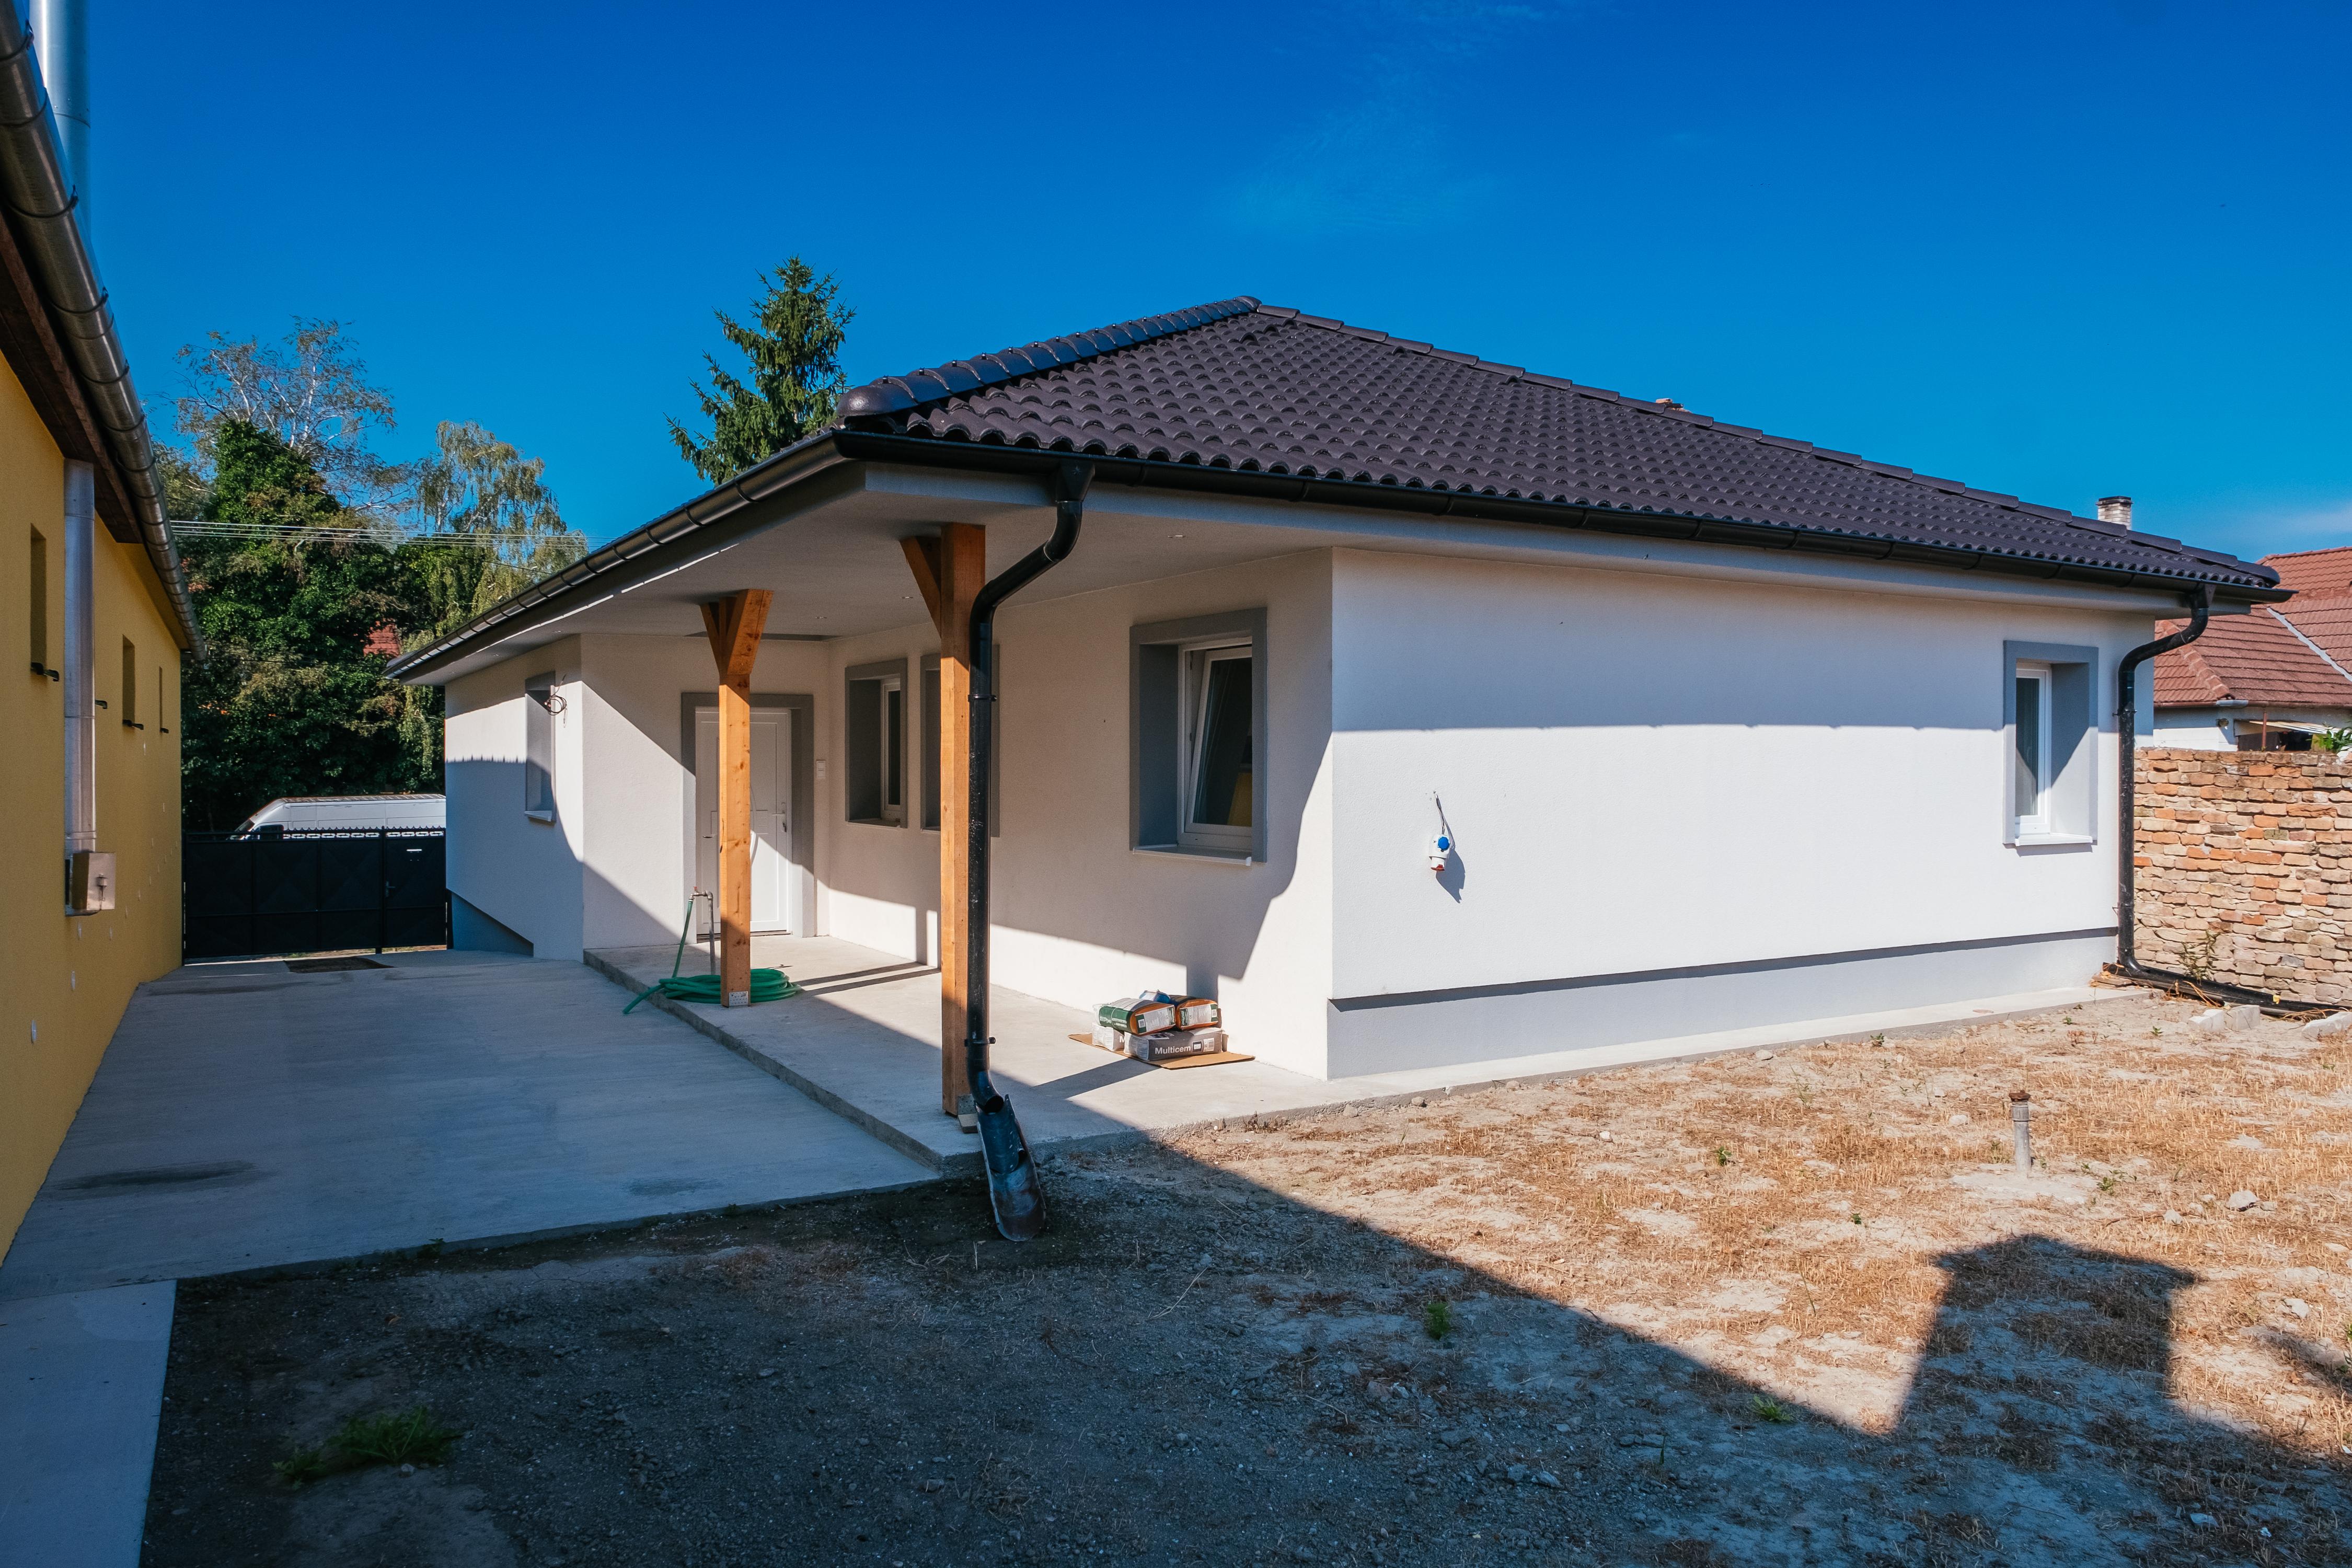 ZĽAVA - Kolárovo - kompletne prerobený dom na predaj